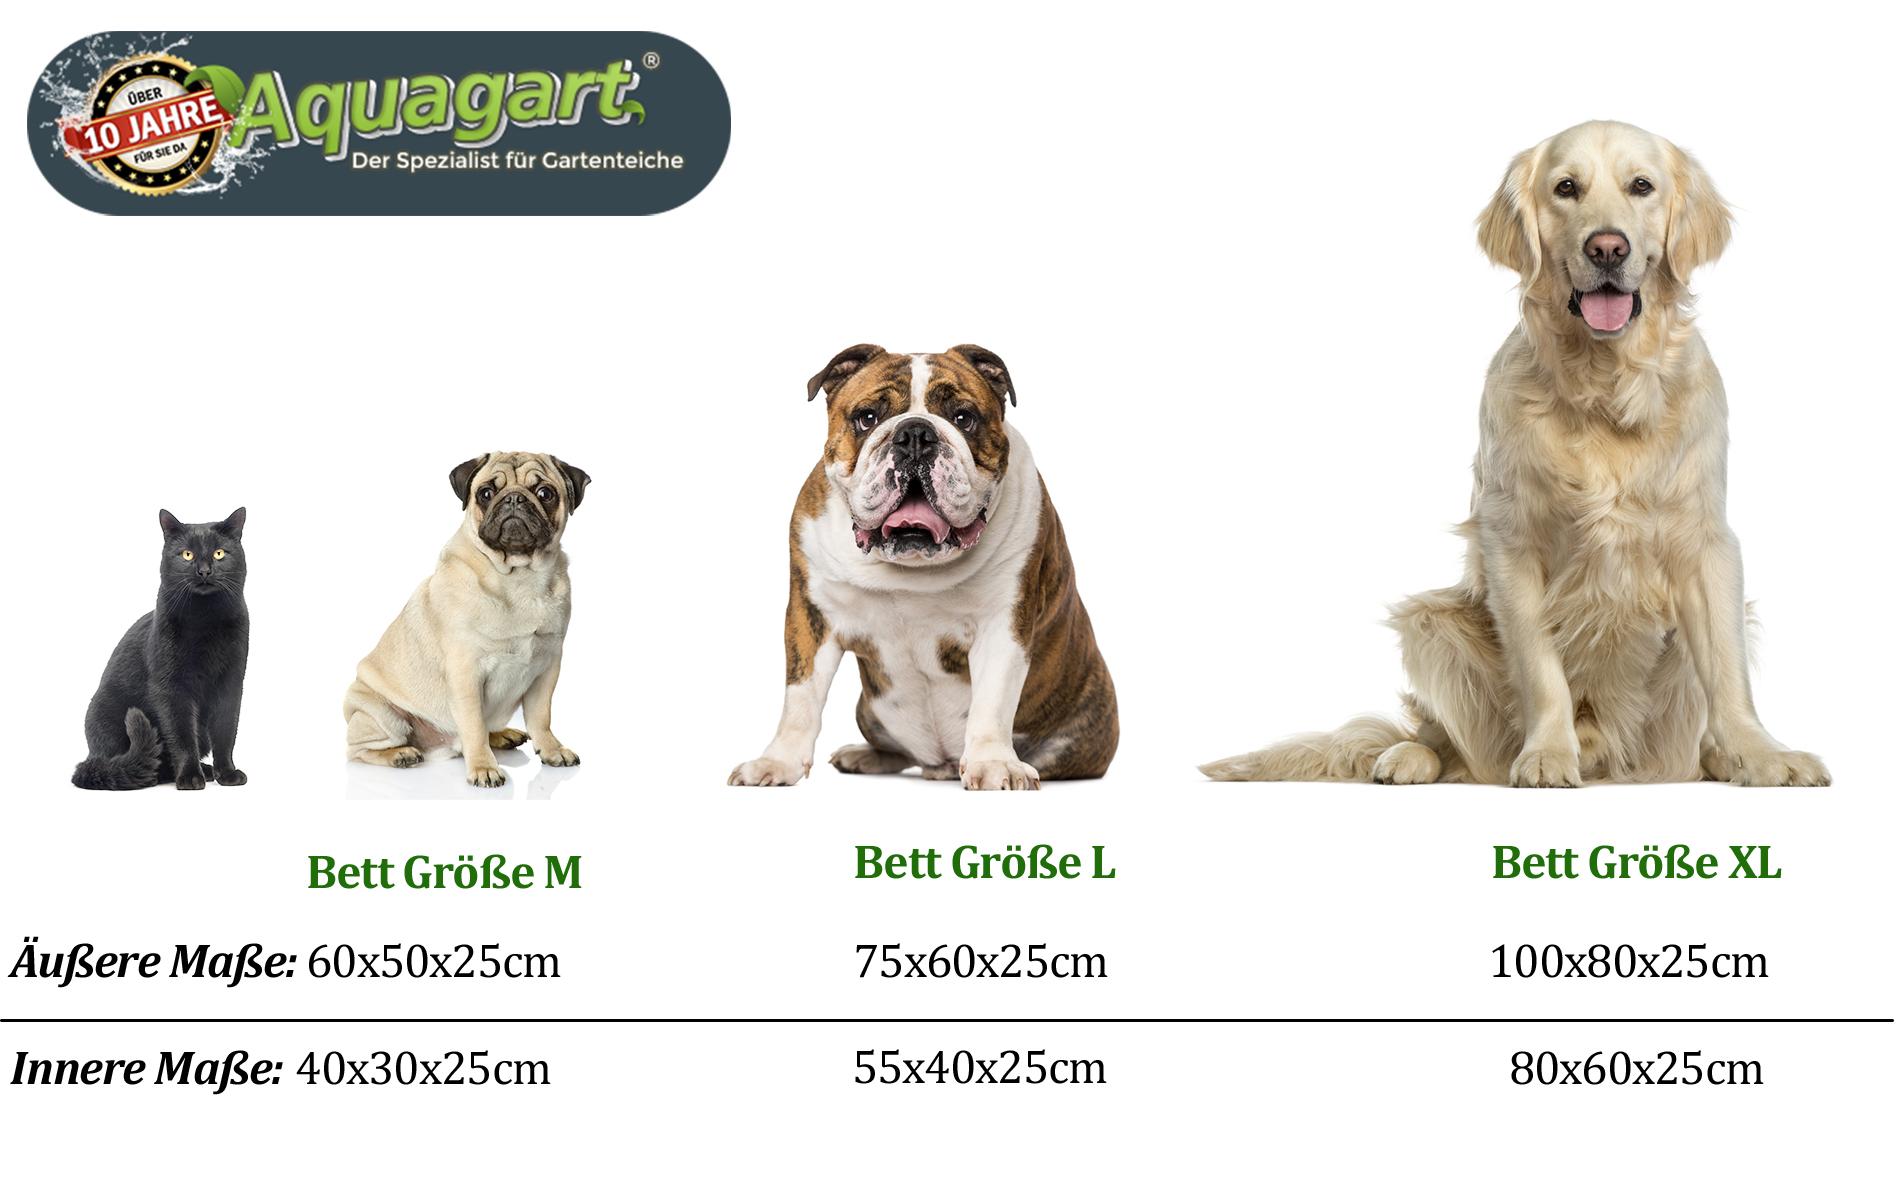 Full Size of Hundebett Wolke 125 Aquagart Orange M 60 50cm Hundekissen Hundebetten Wohnzimmer Hundebett Wolke 125